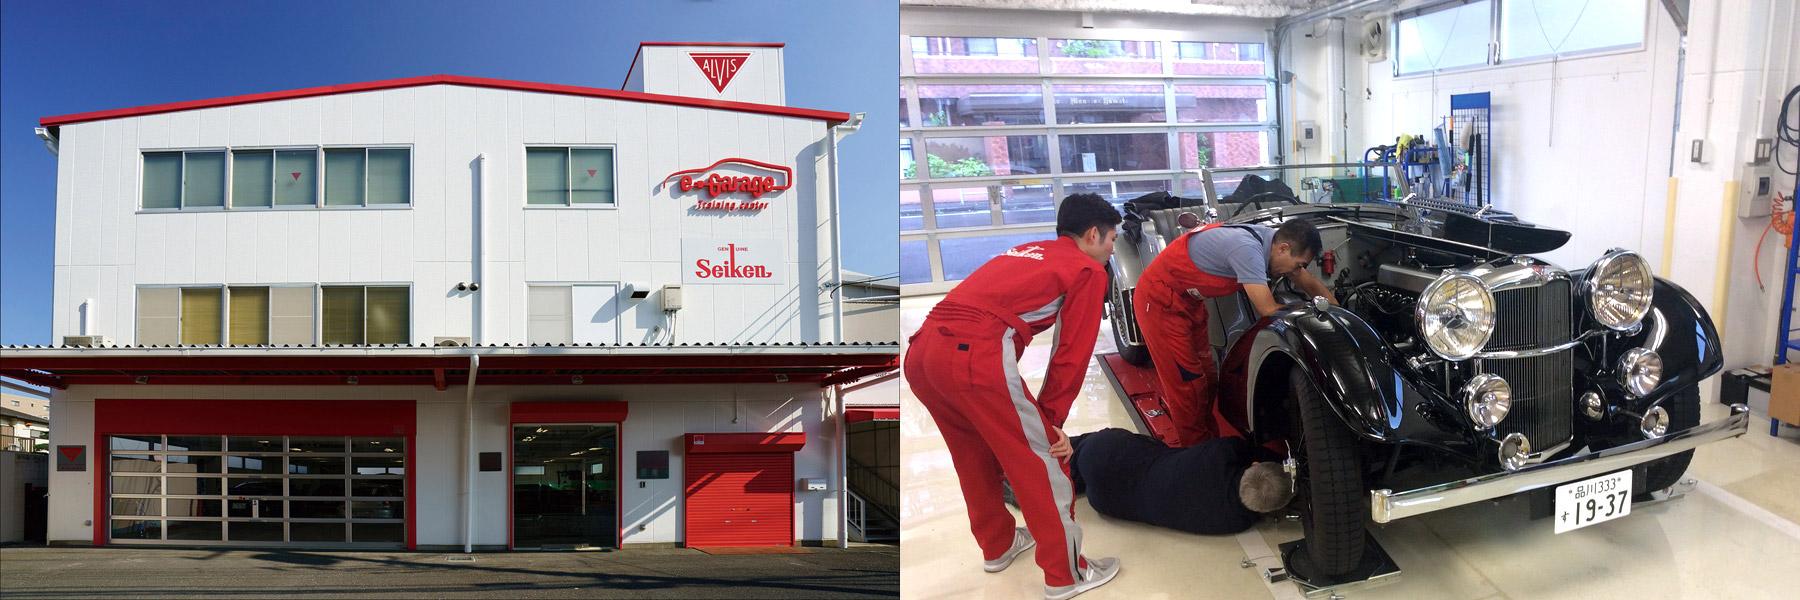 Seiken e Garageでのメンテナンス